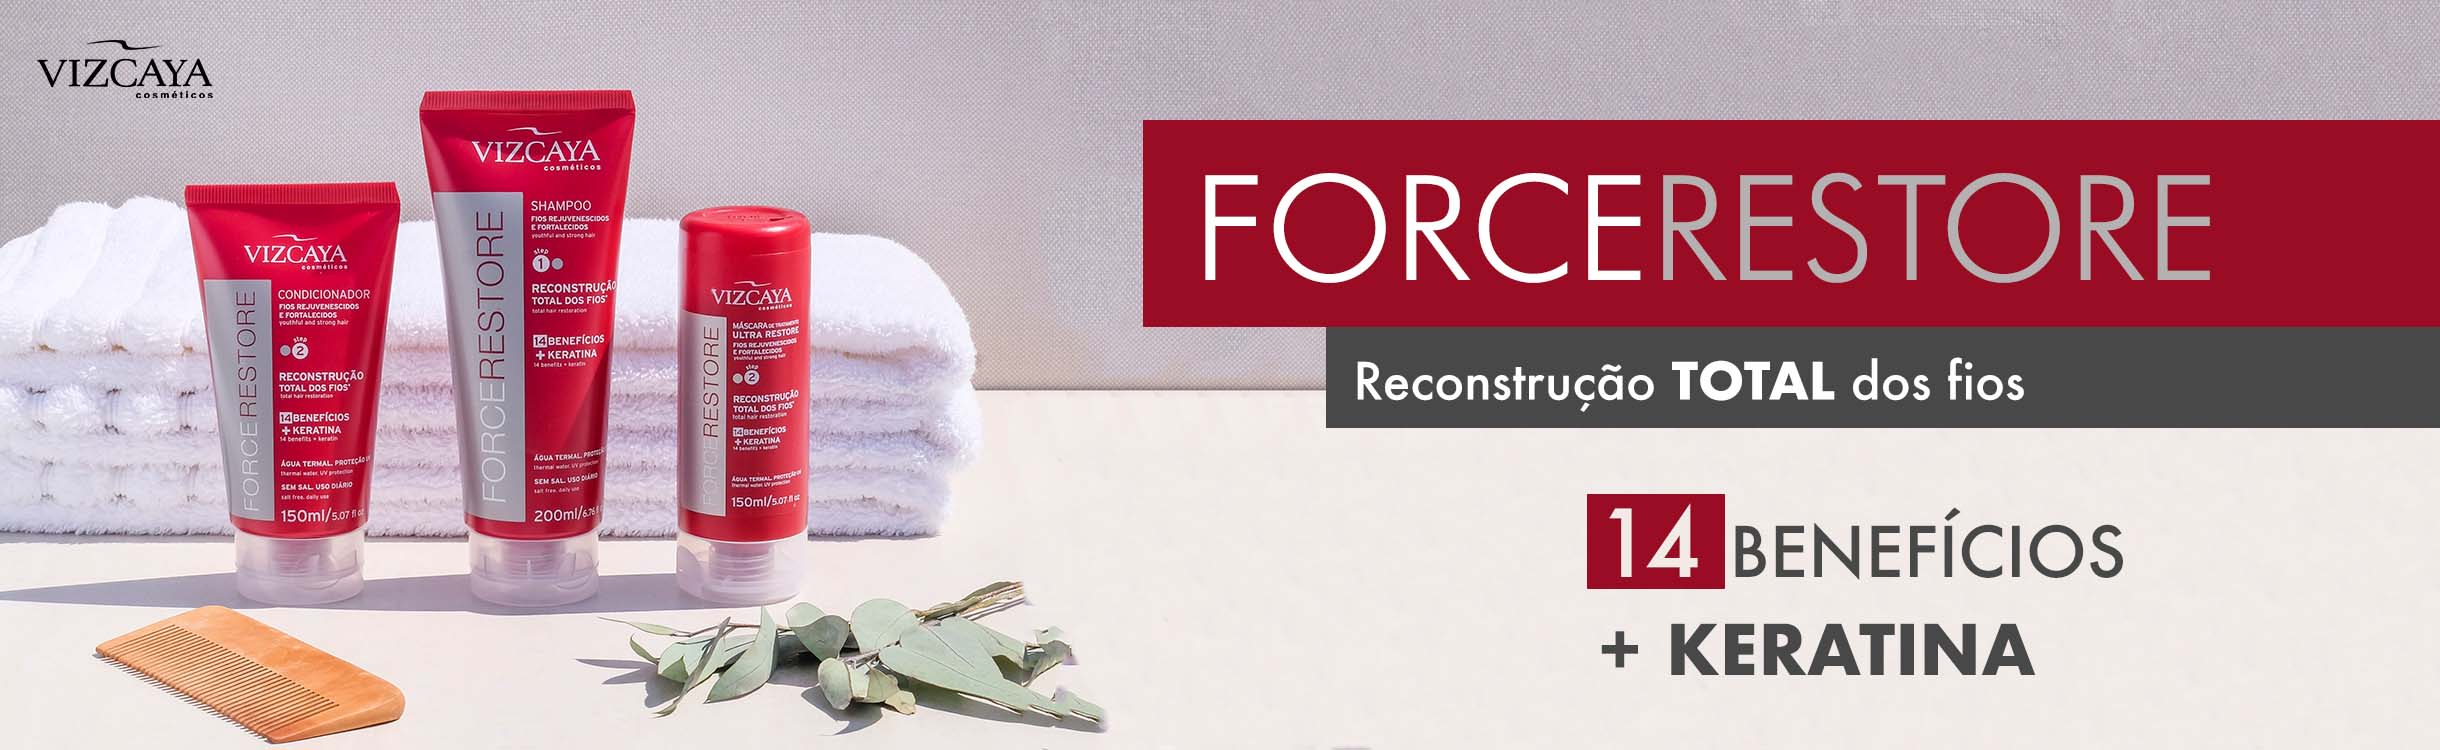 Vizcaya Force Restore